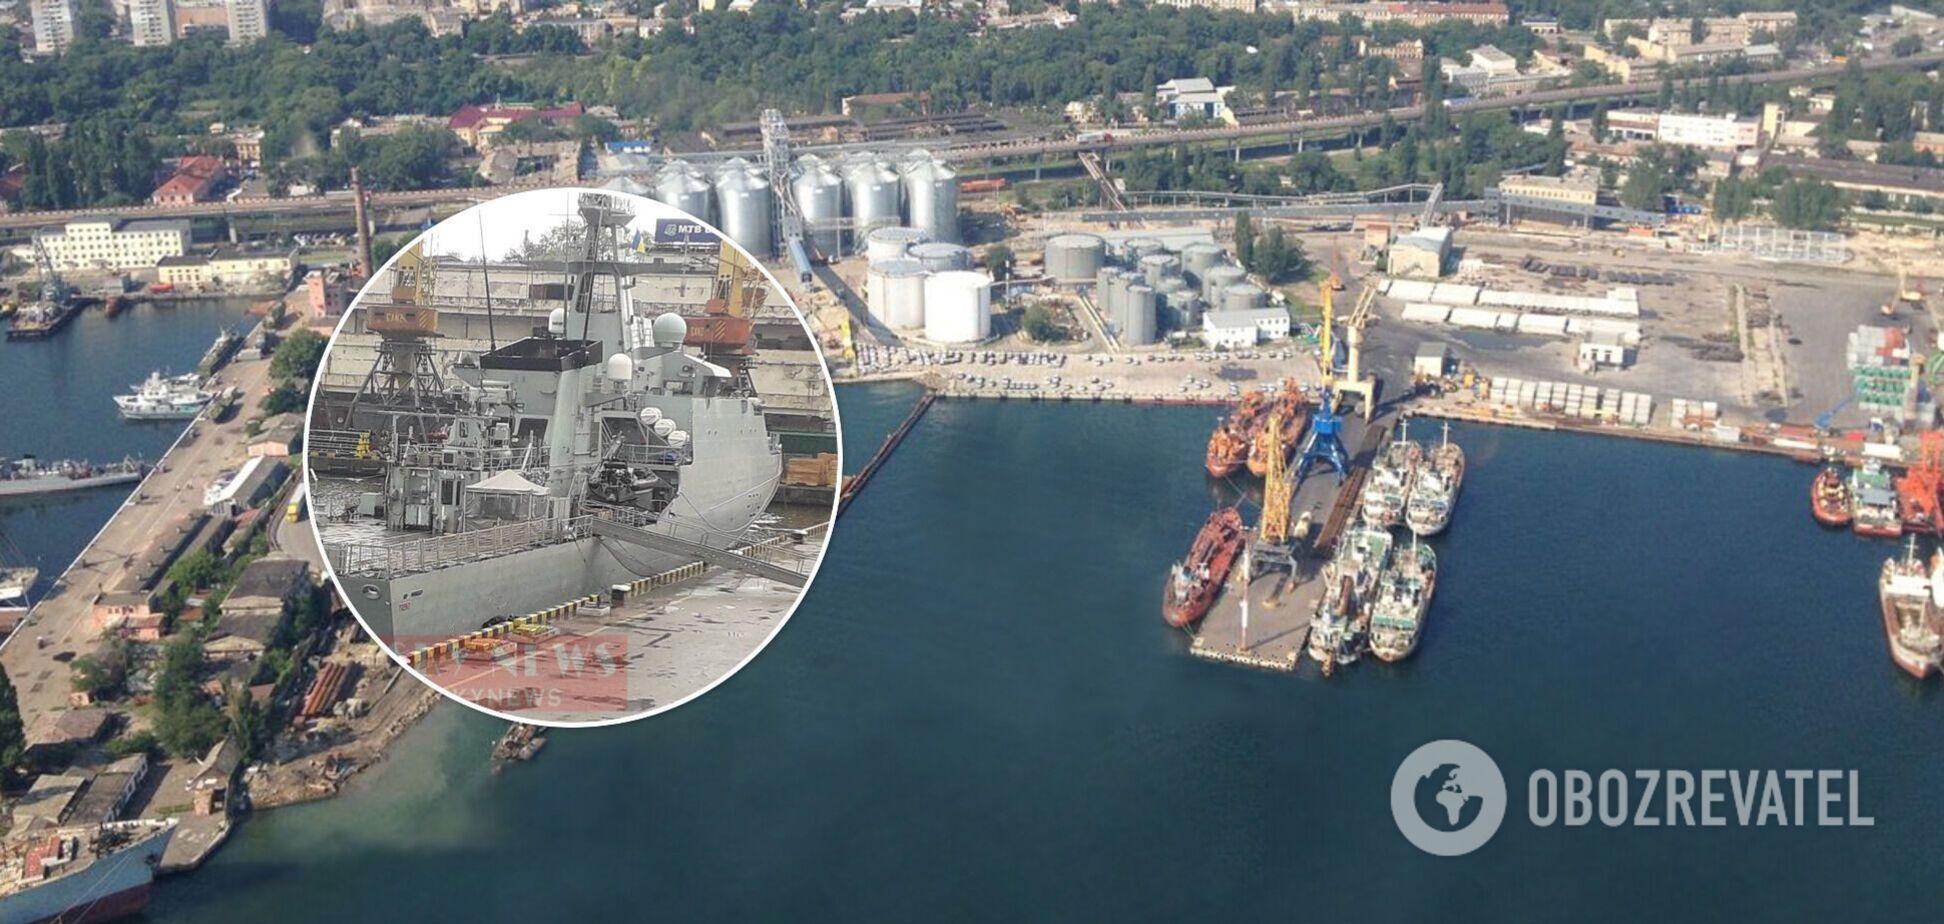 Біля судна чергують військові та поліція